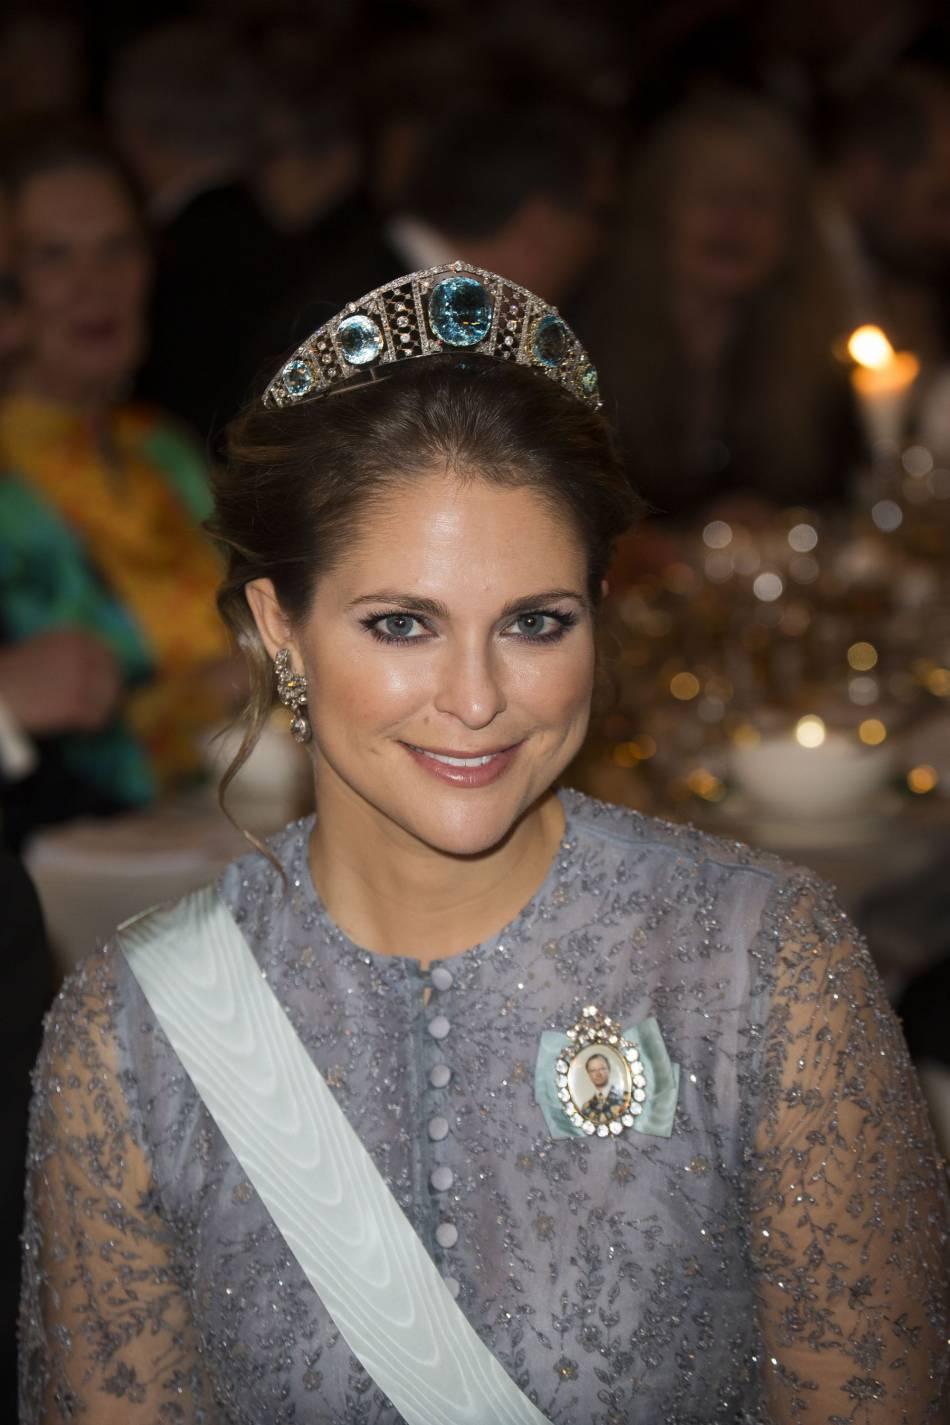 La princesse Madeleine de Suède a opté pour une robe grise mettant parfaitement ses yeux en valeur.